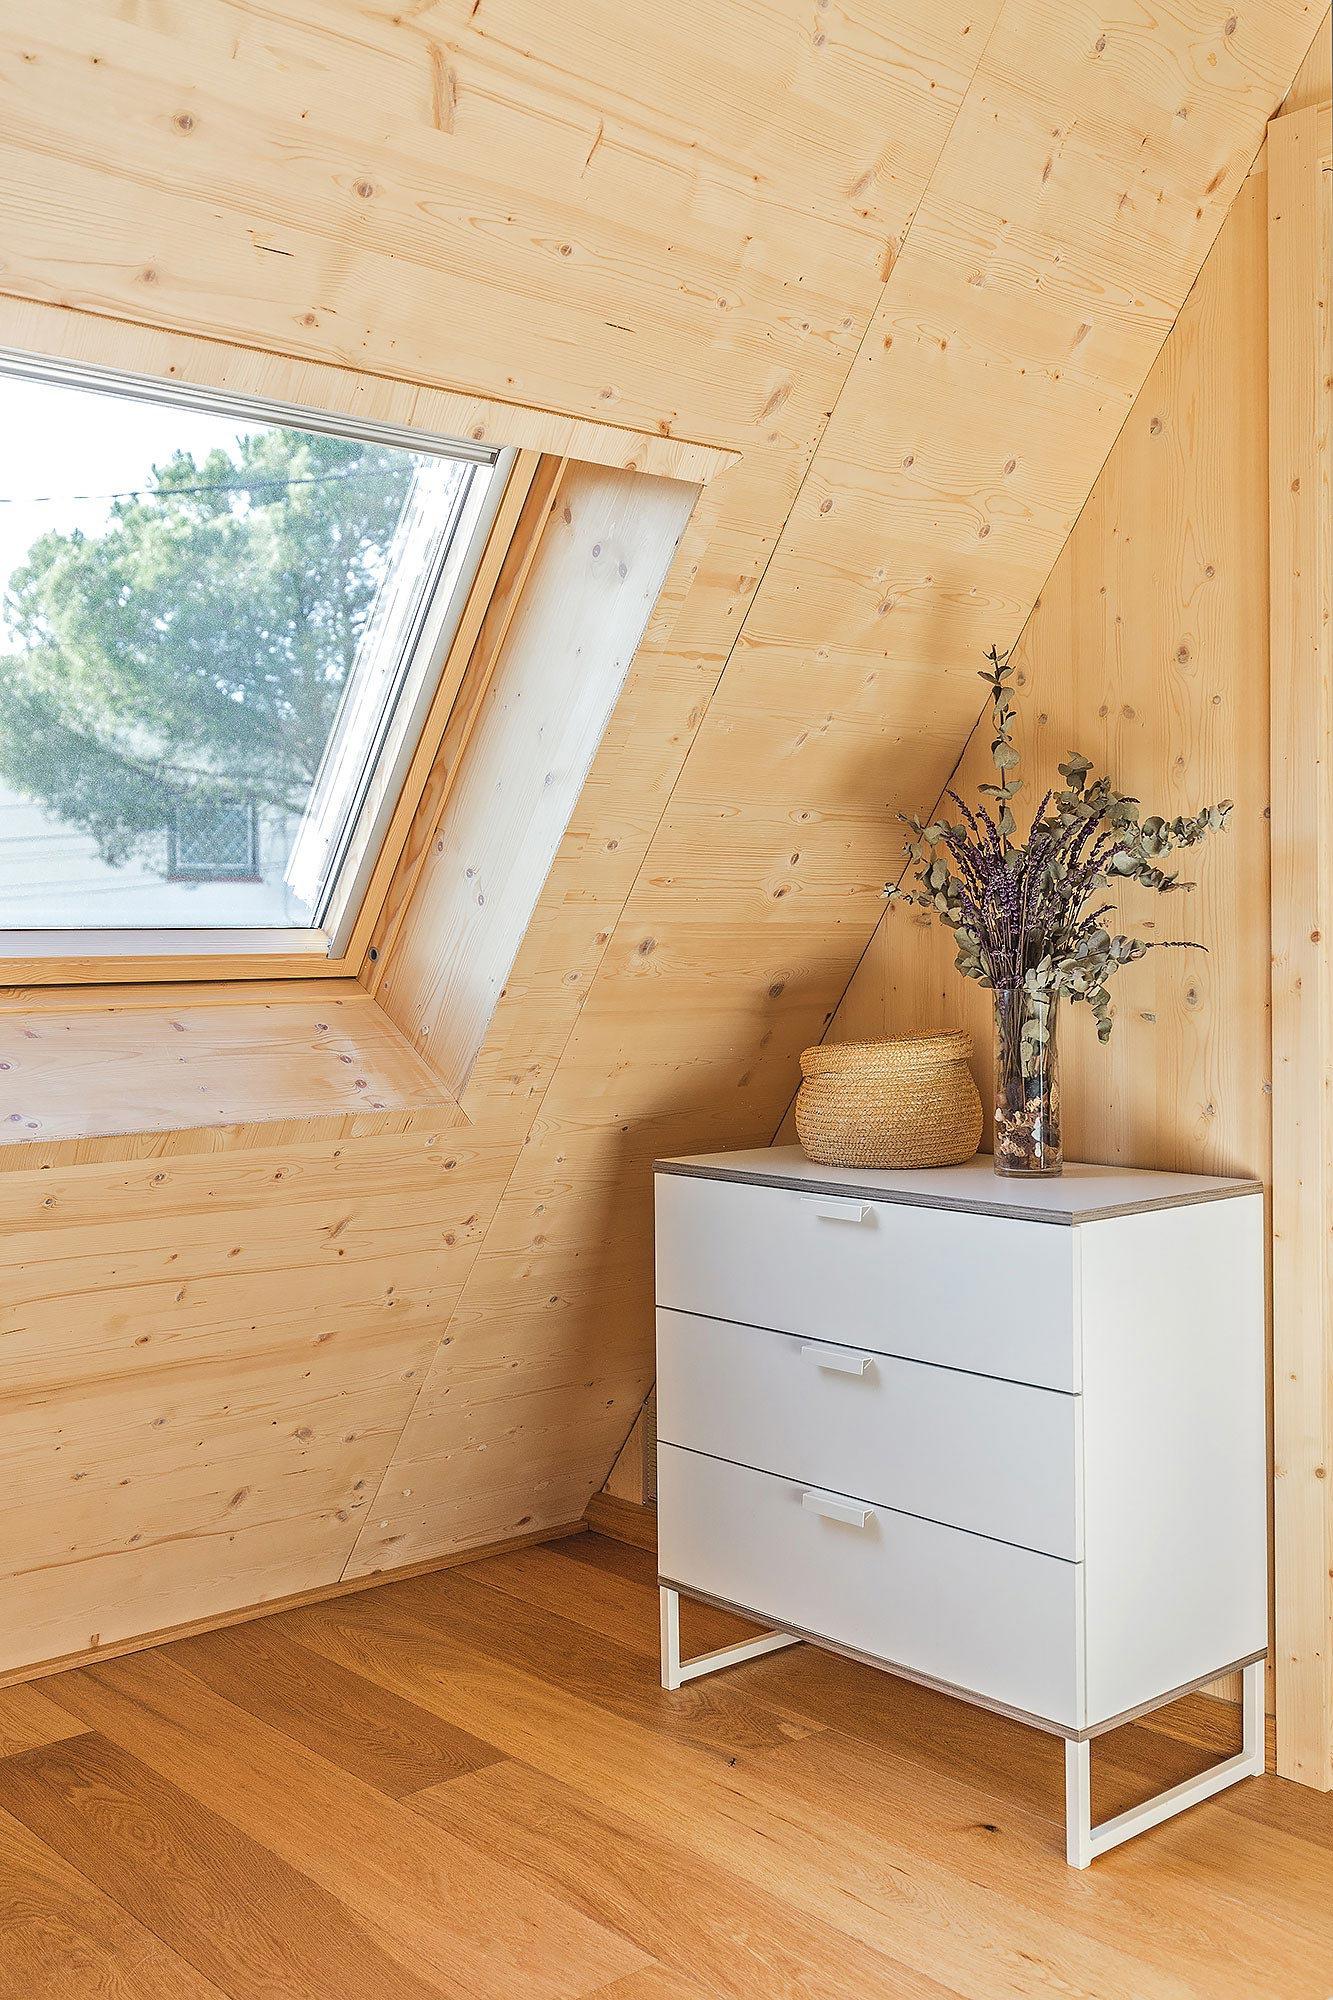 BUD Arquitectura - Casas sanas. Casa Planeta. Casa sostenible, ecoeficiente de madera